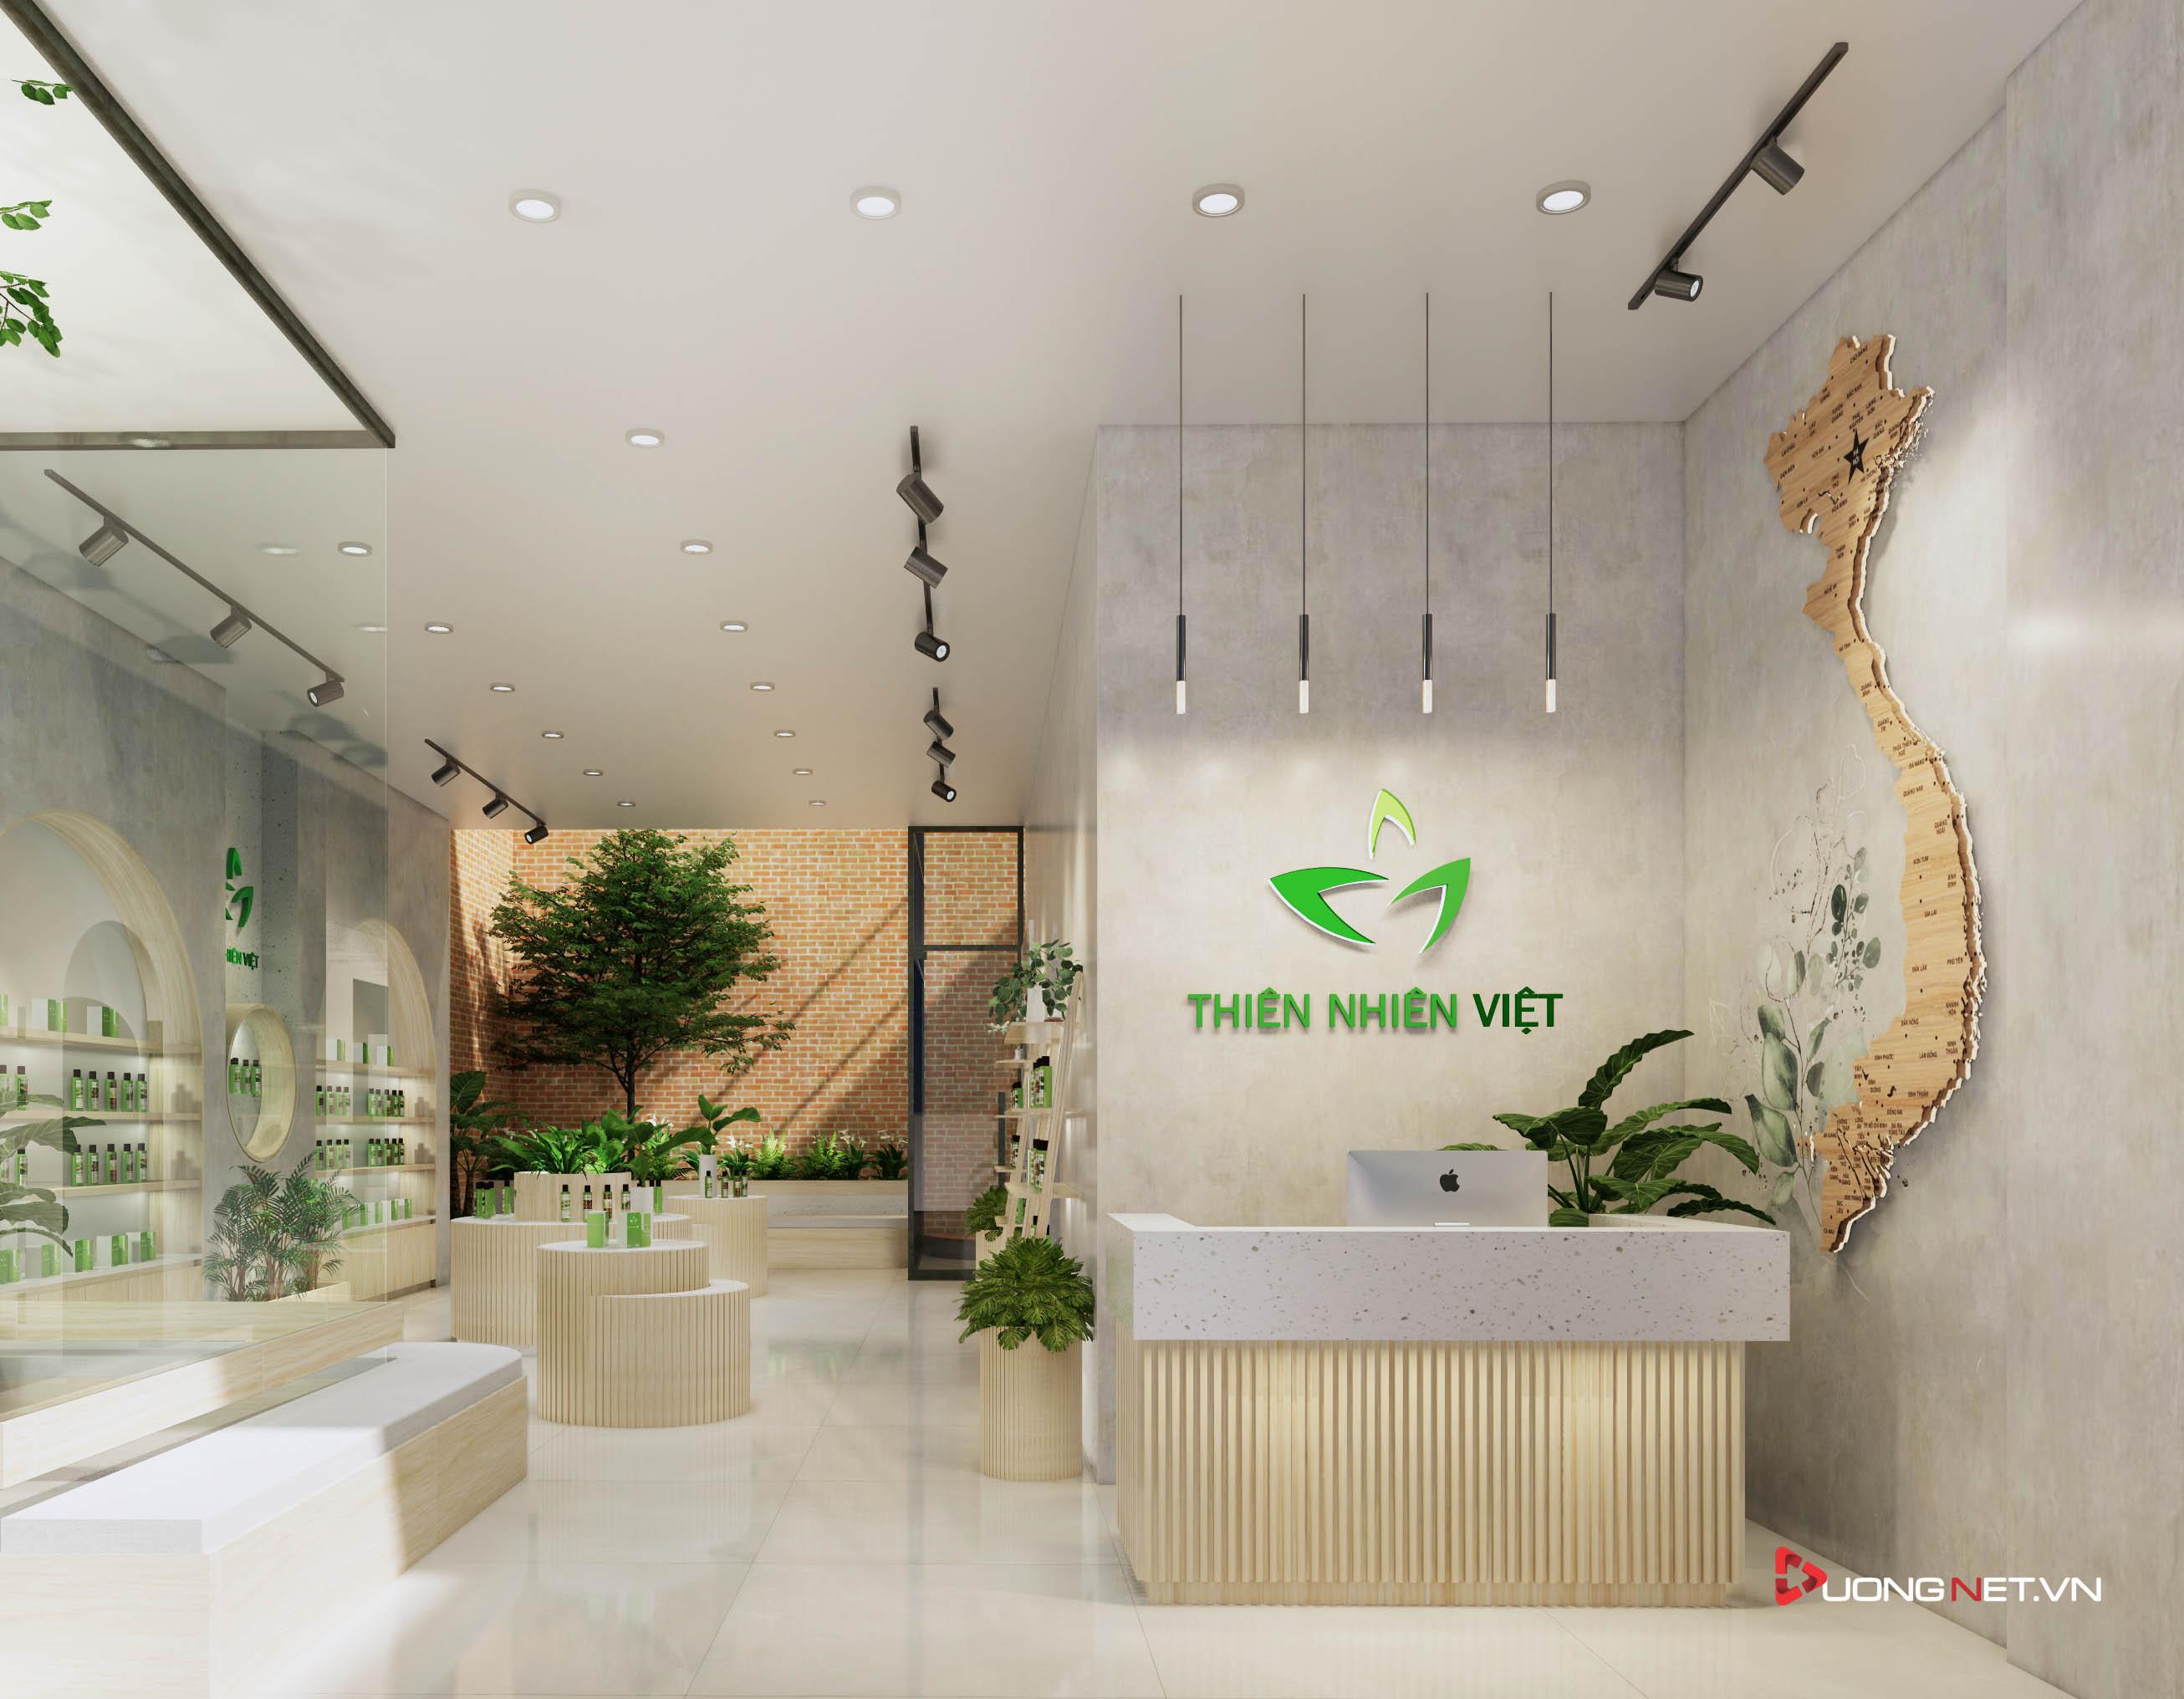 Thiết kế nội thất sáng tạo văn phòng 5 tầng Thiên Nhiên Việt